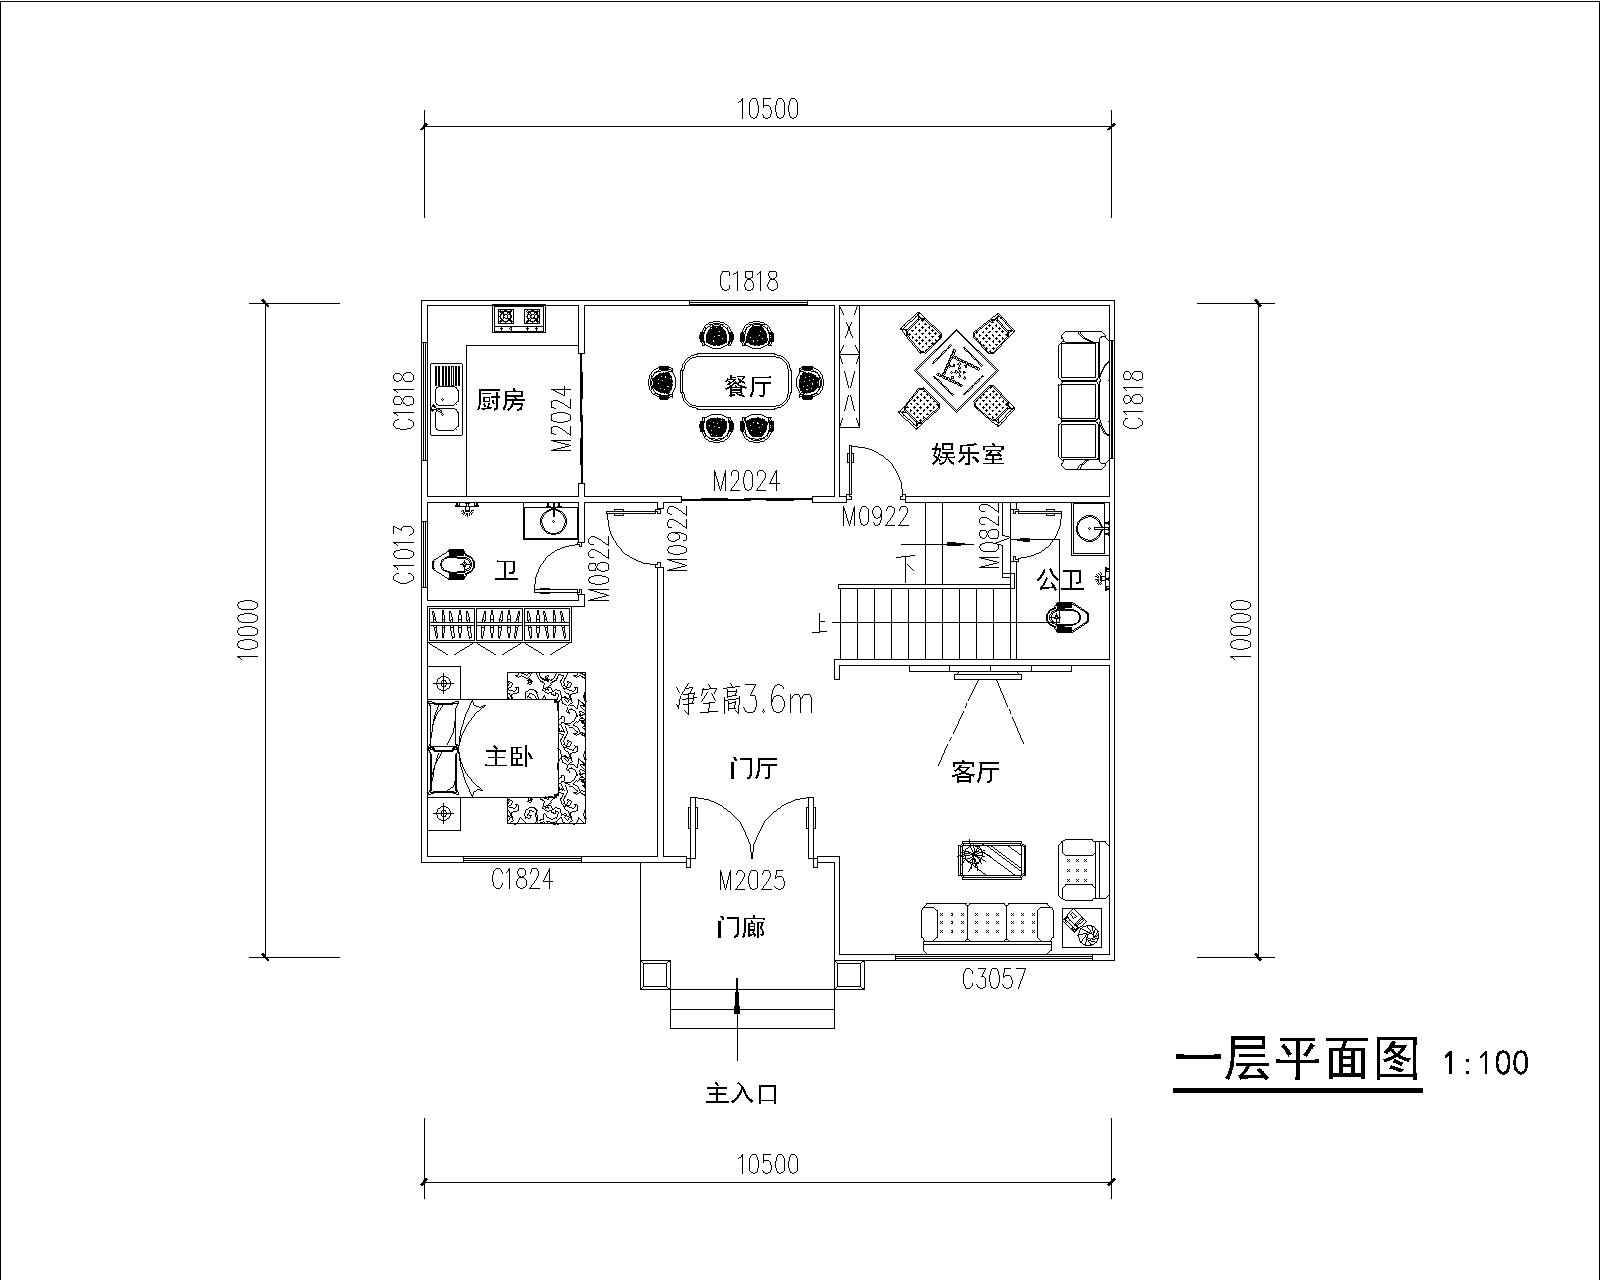 两层  【2021新款】(外精内简)   (空心墙体)